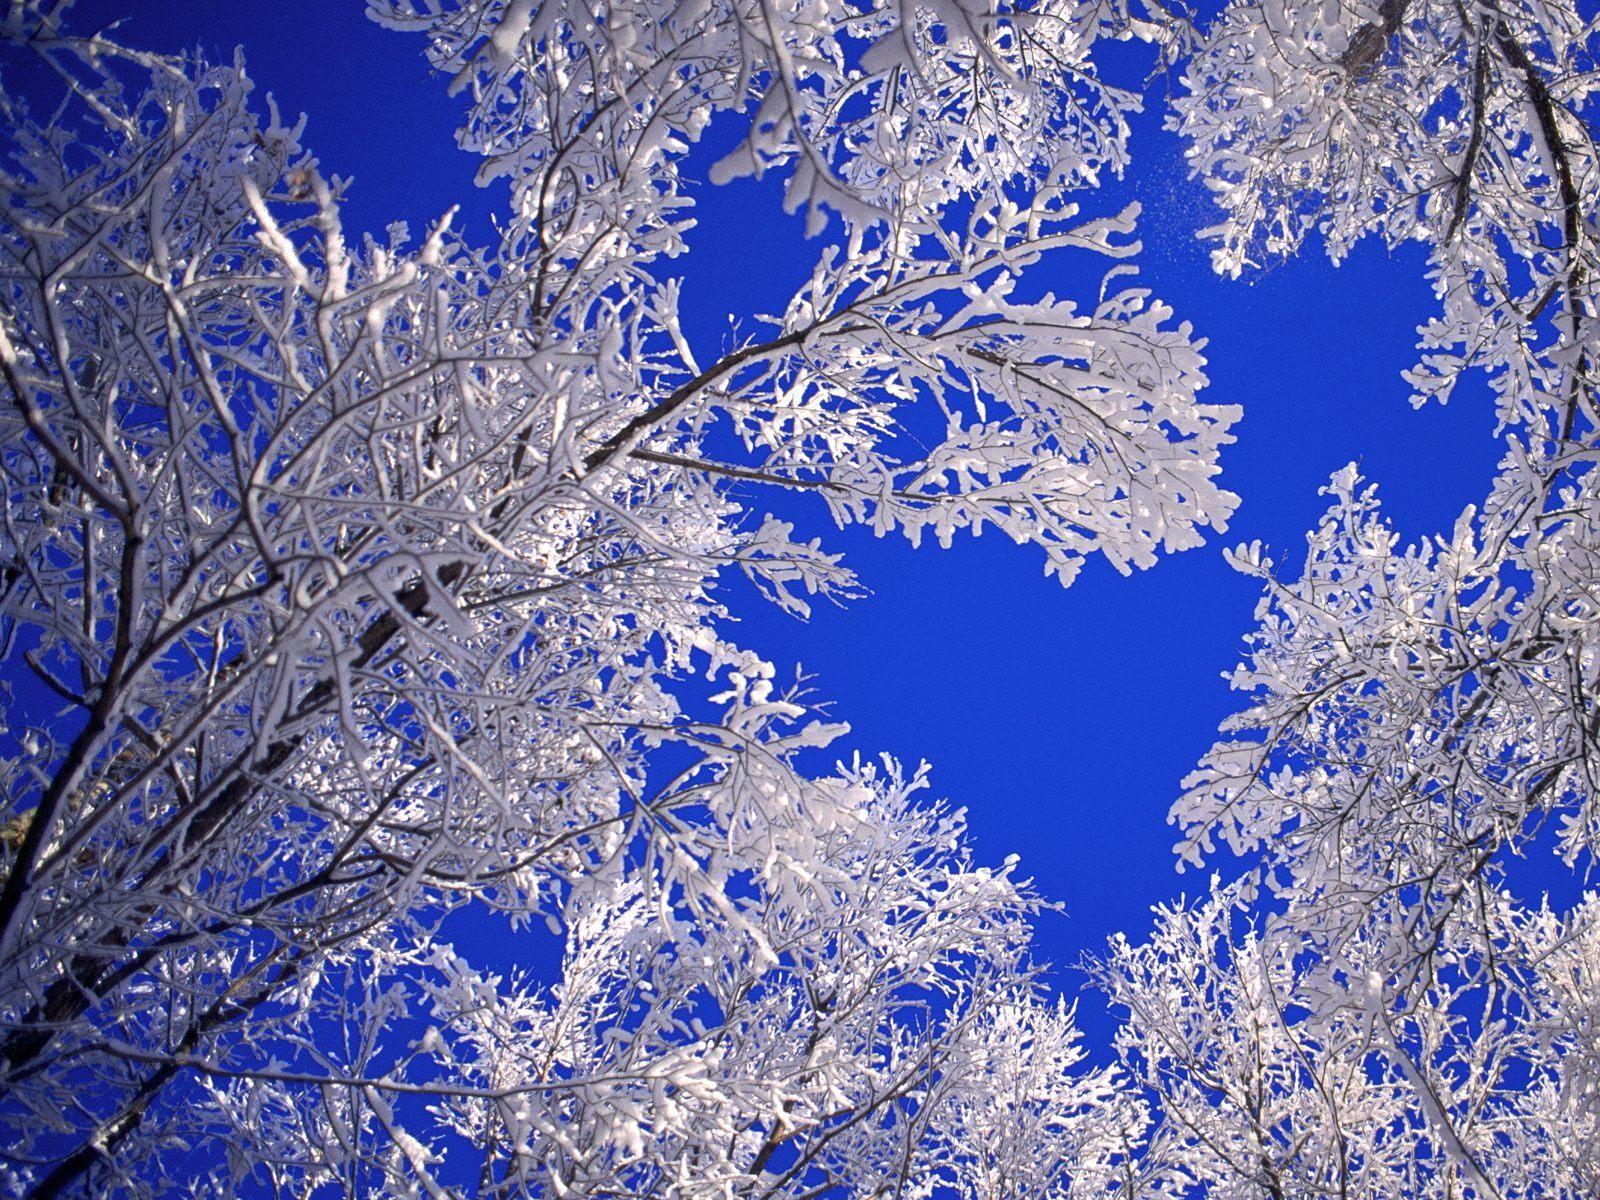 Beautiful Winter Scenes Desktop Wallpaper Wallpapers